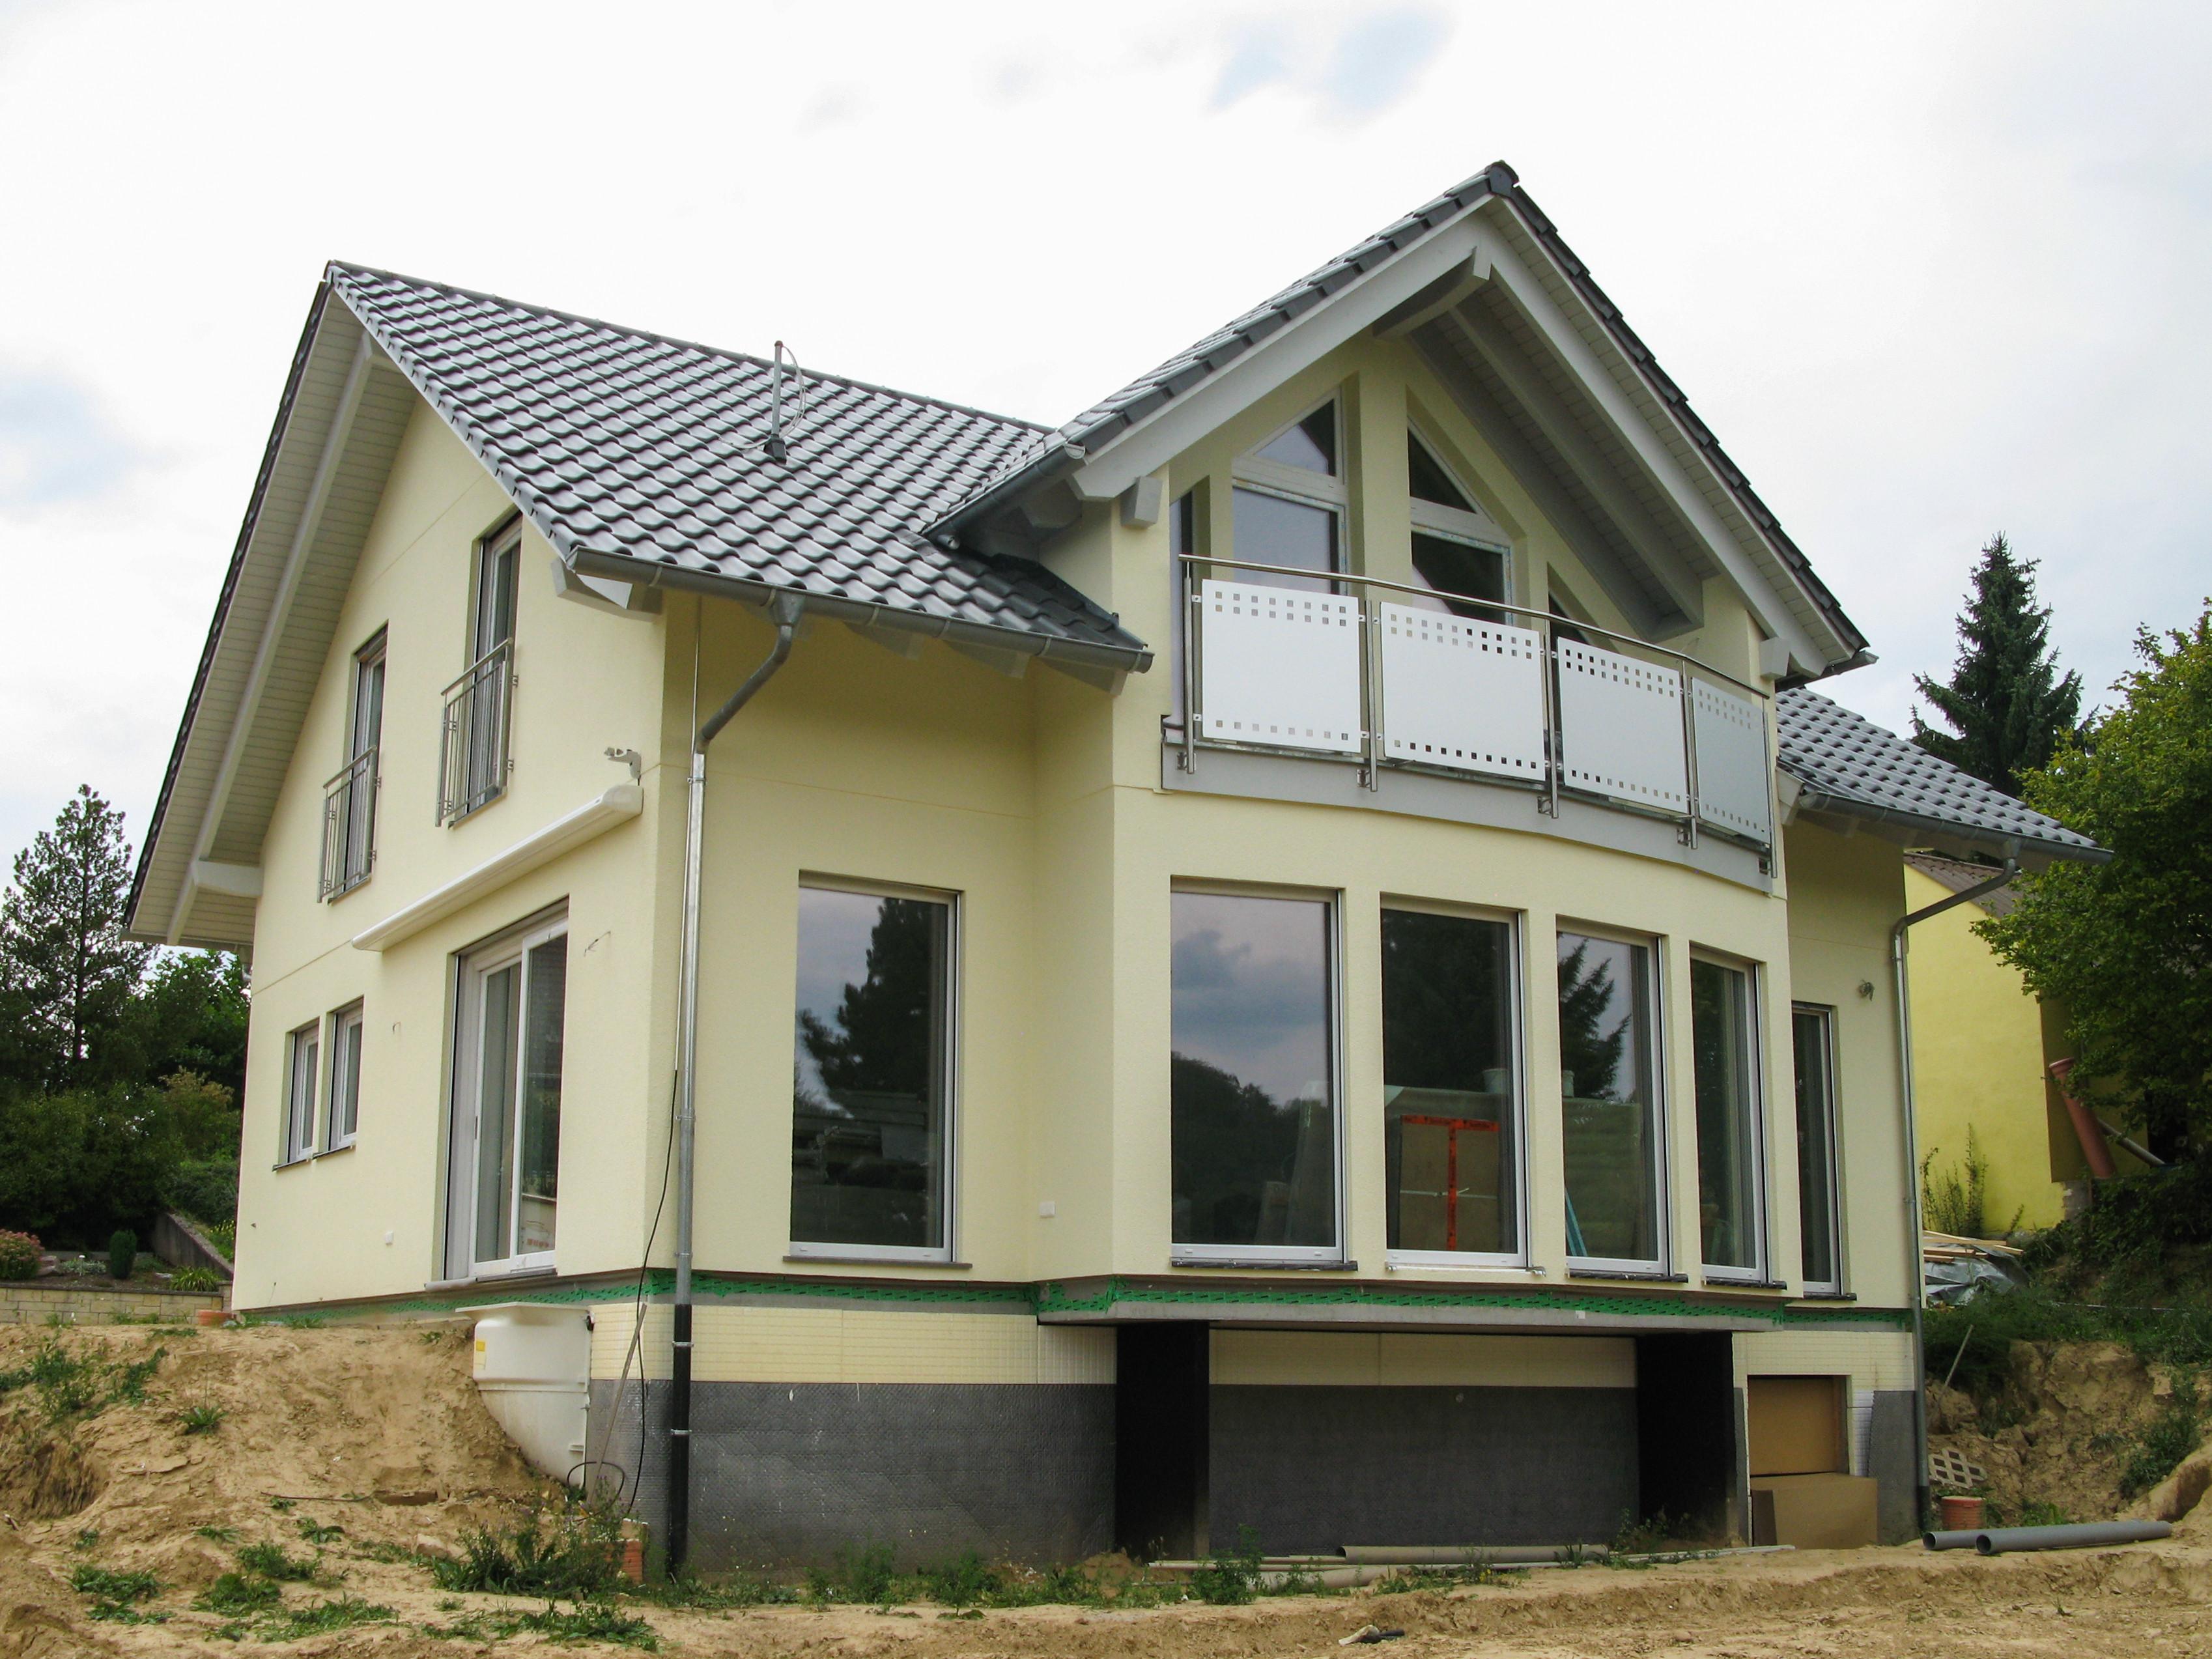 Casa prefabbricata cosa serve idealista news - Costruire una casa prefabbricata ...